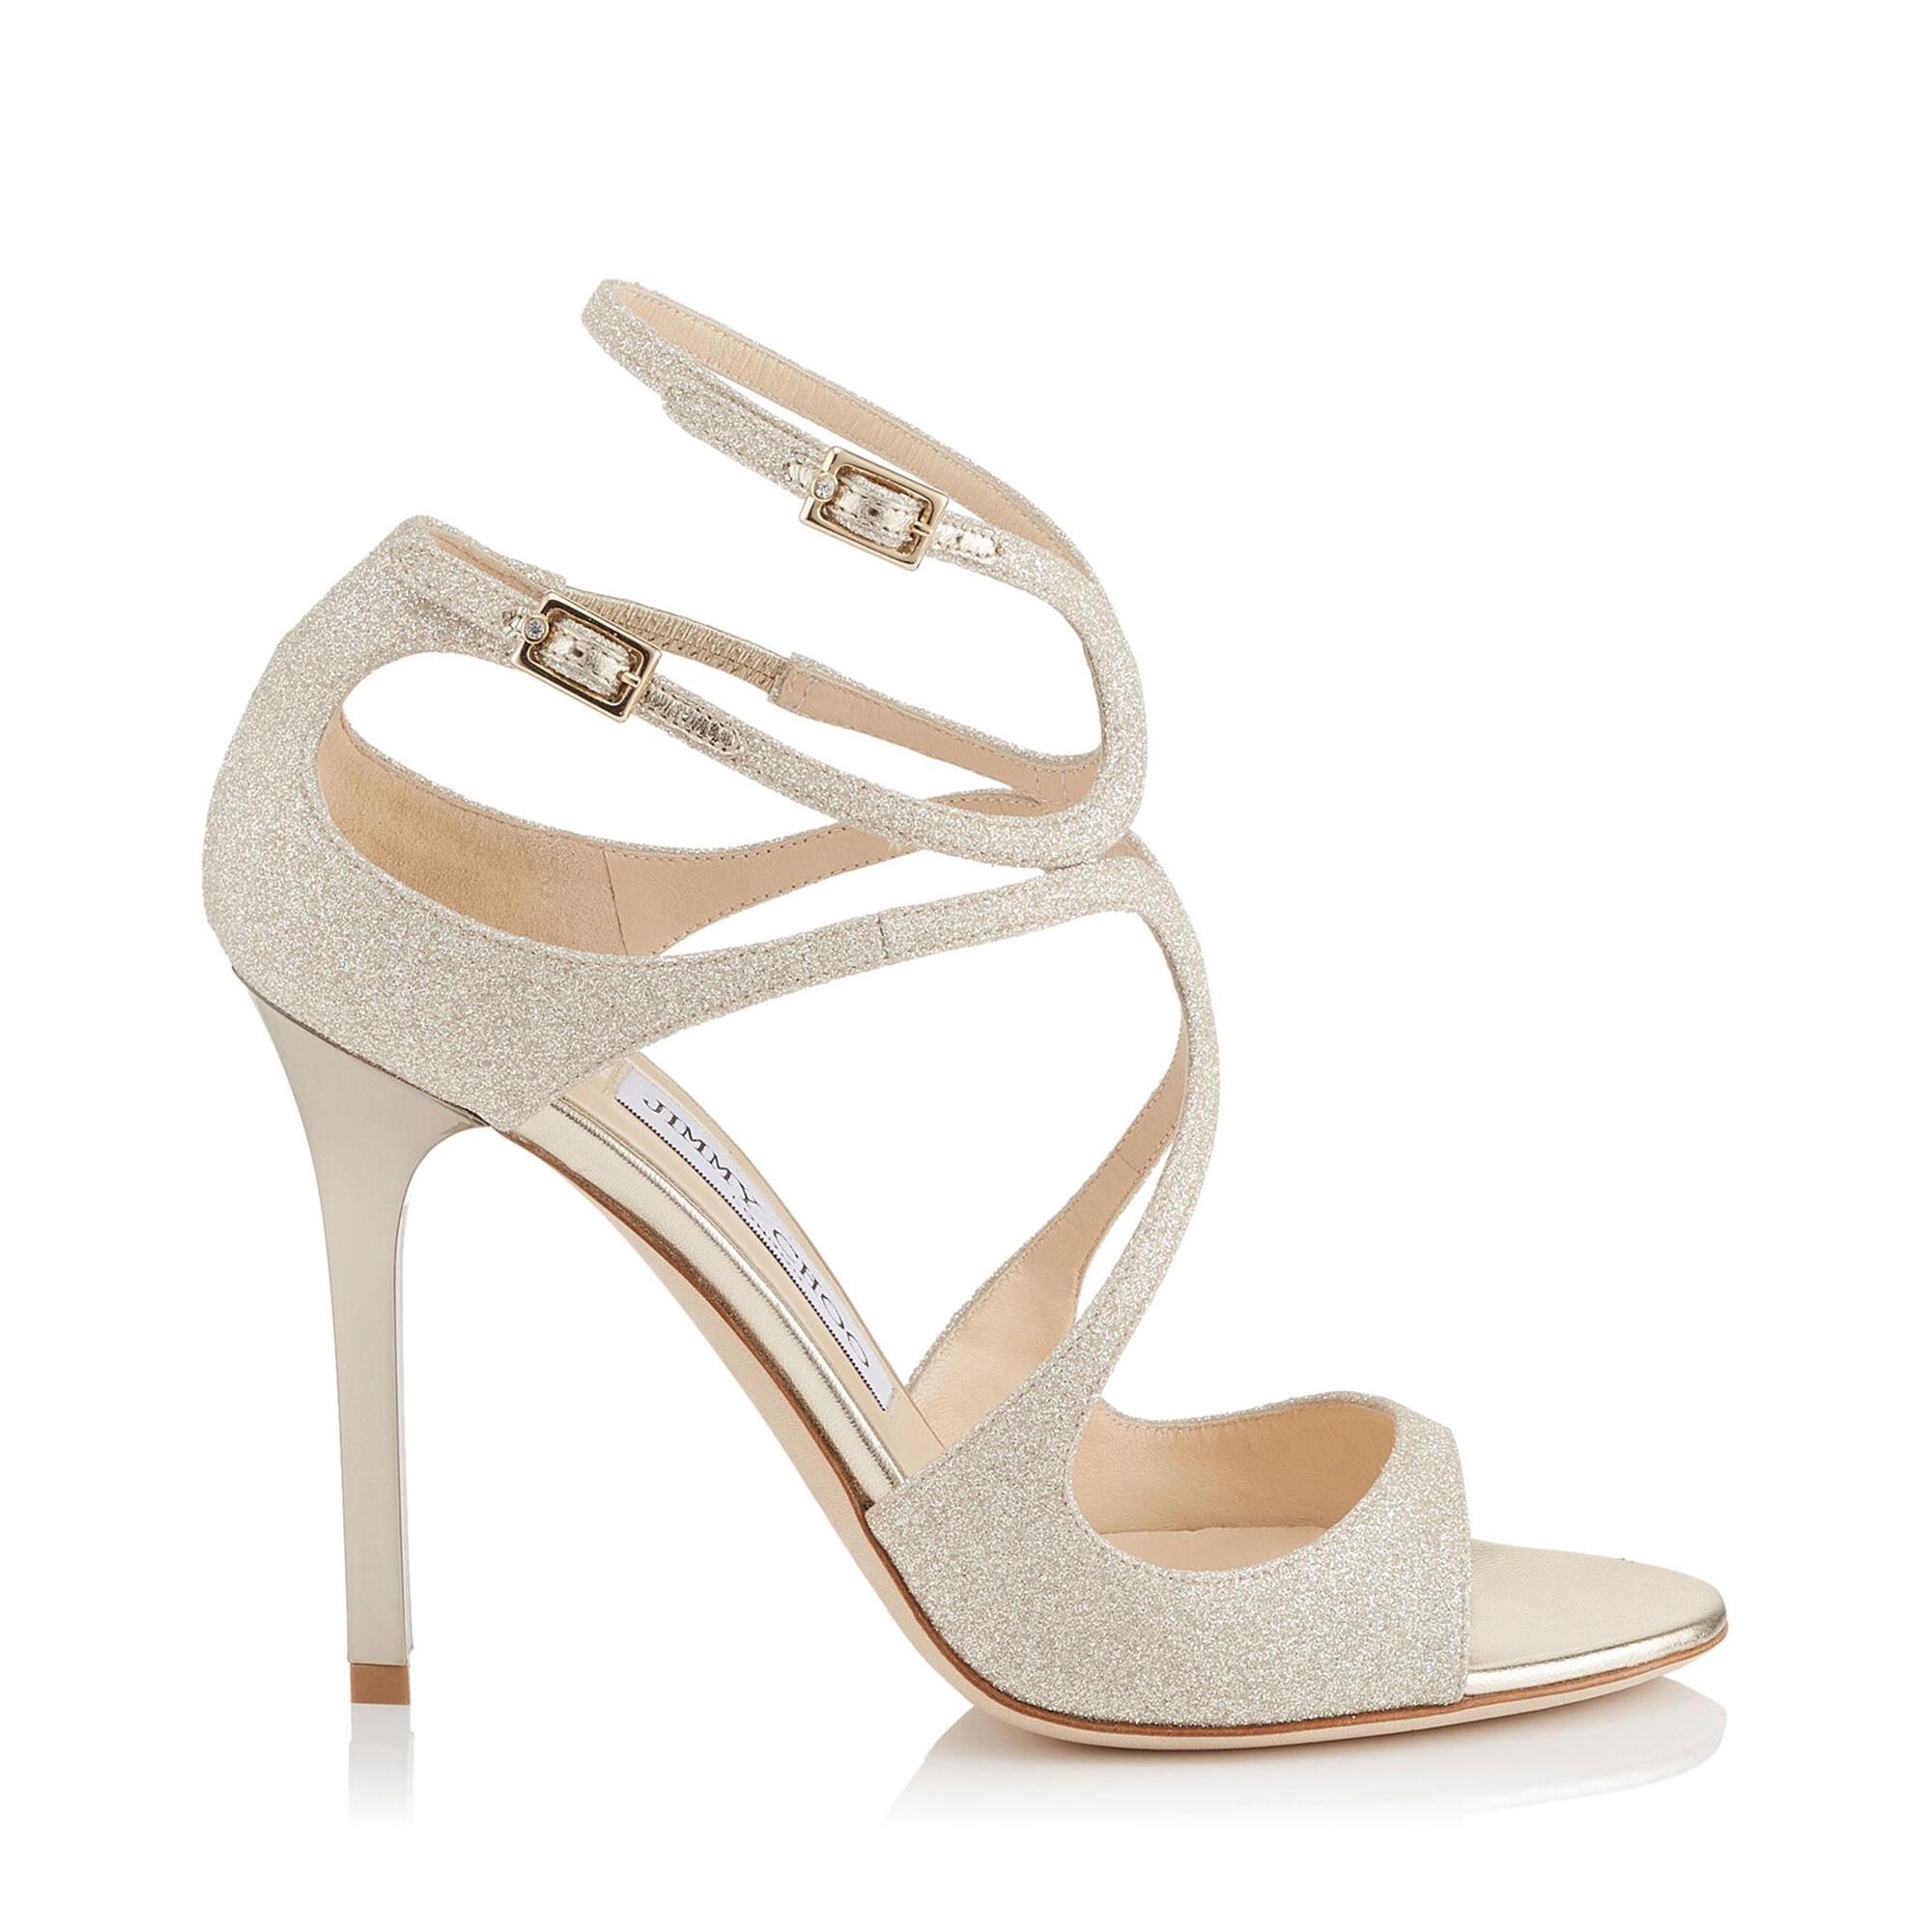 Lang 100 glitter sandals